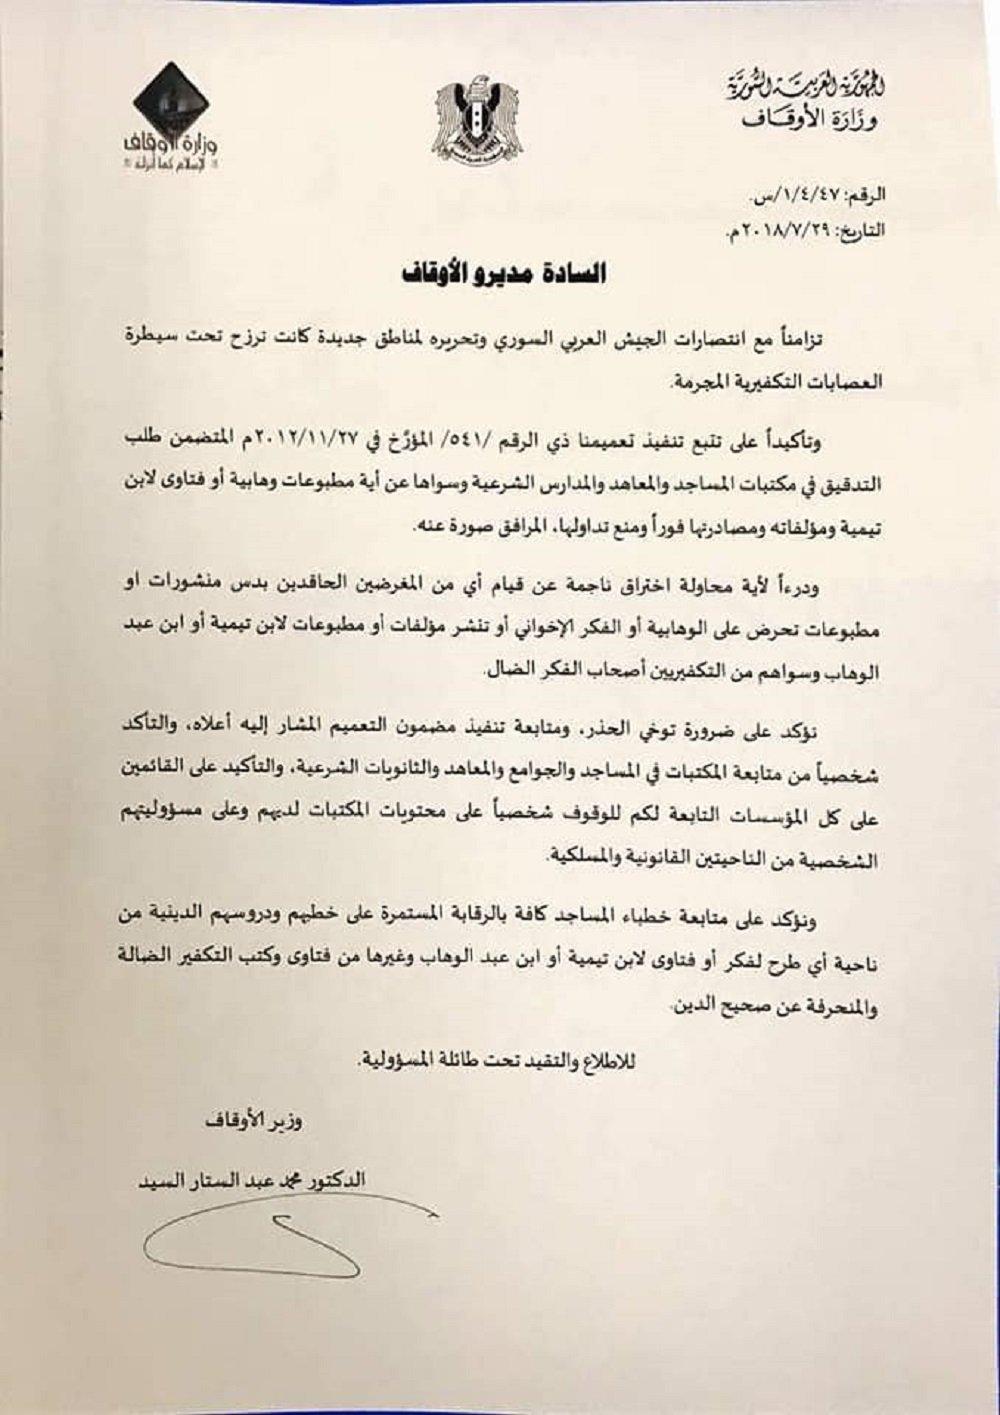 قرار وزارة الأوقاف السورية حرق كتب  الوهابية